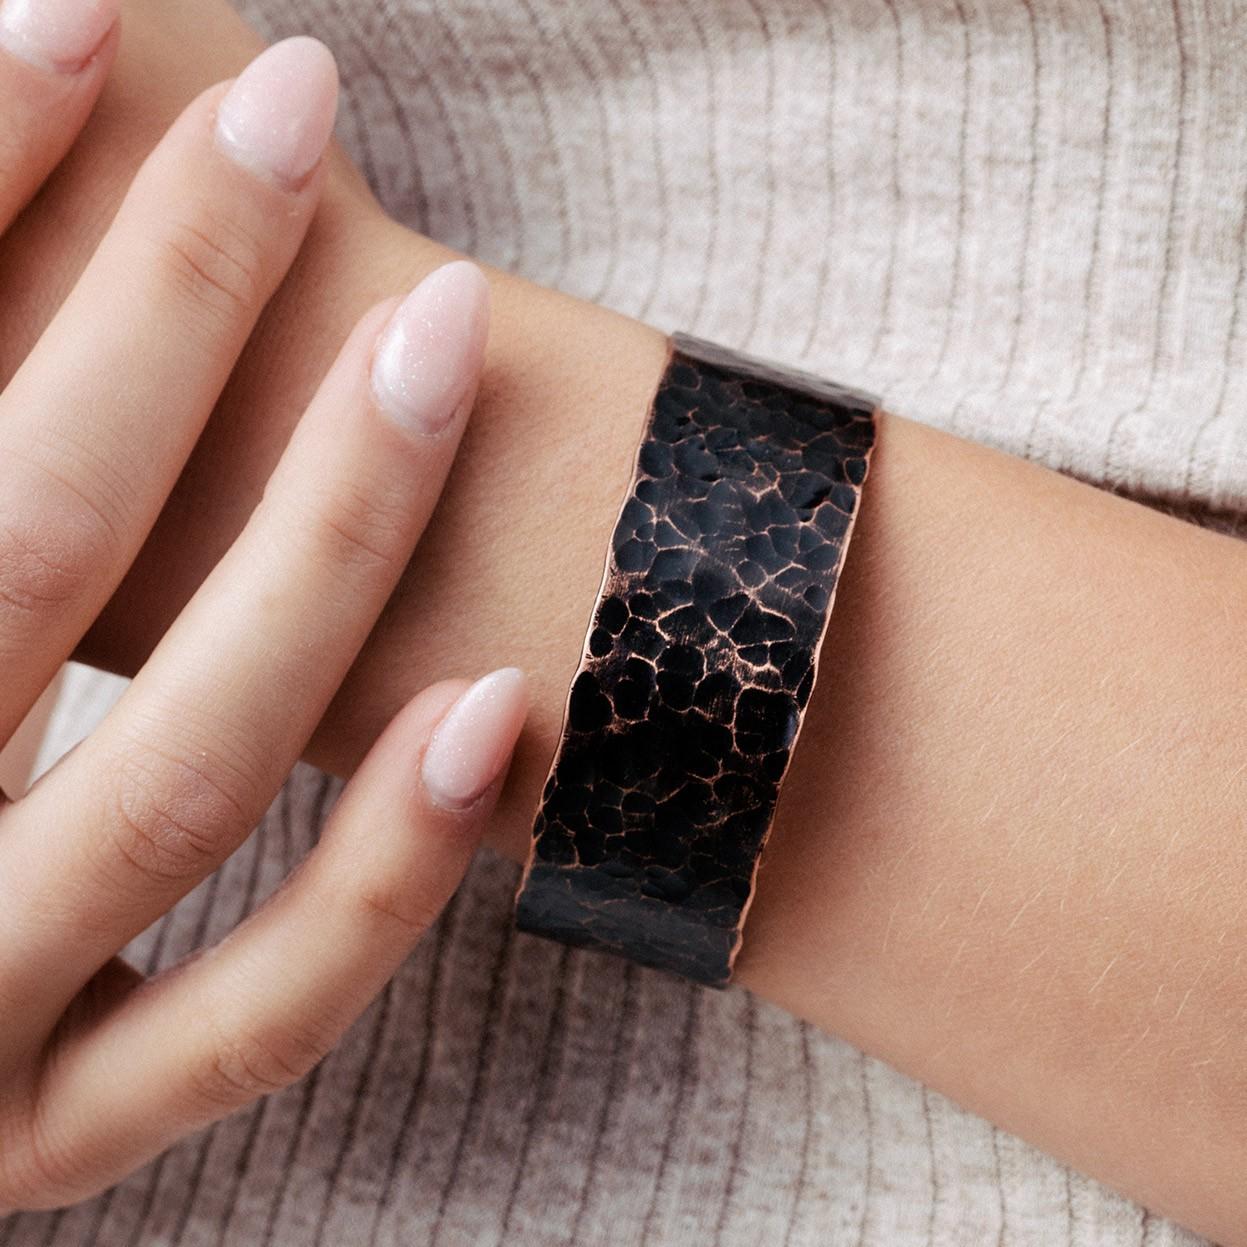 Copper bracelet with cross shape